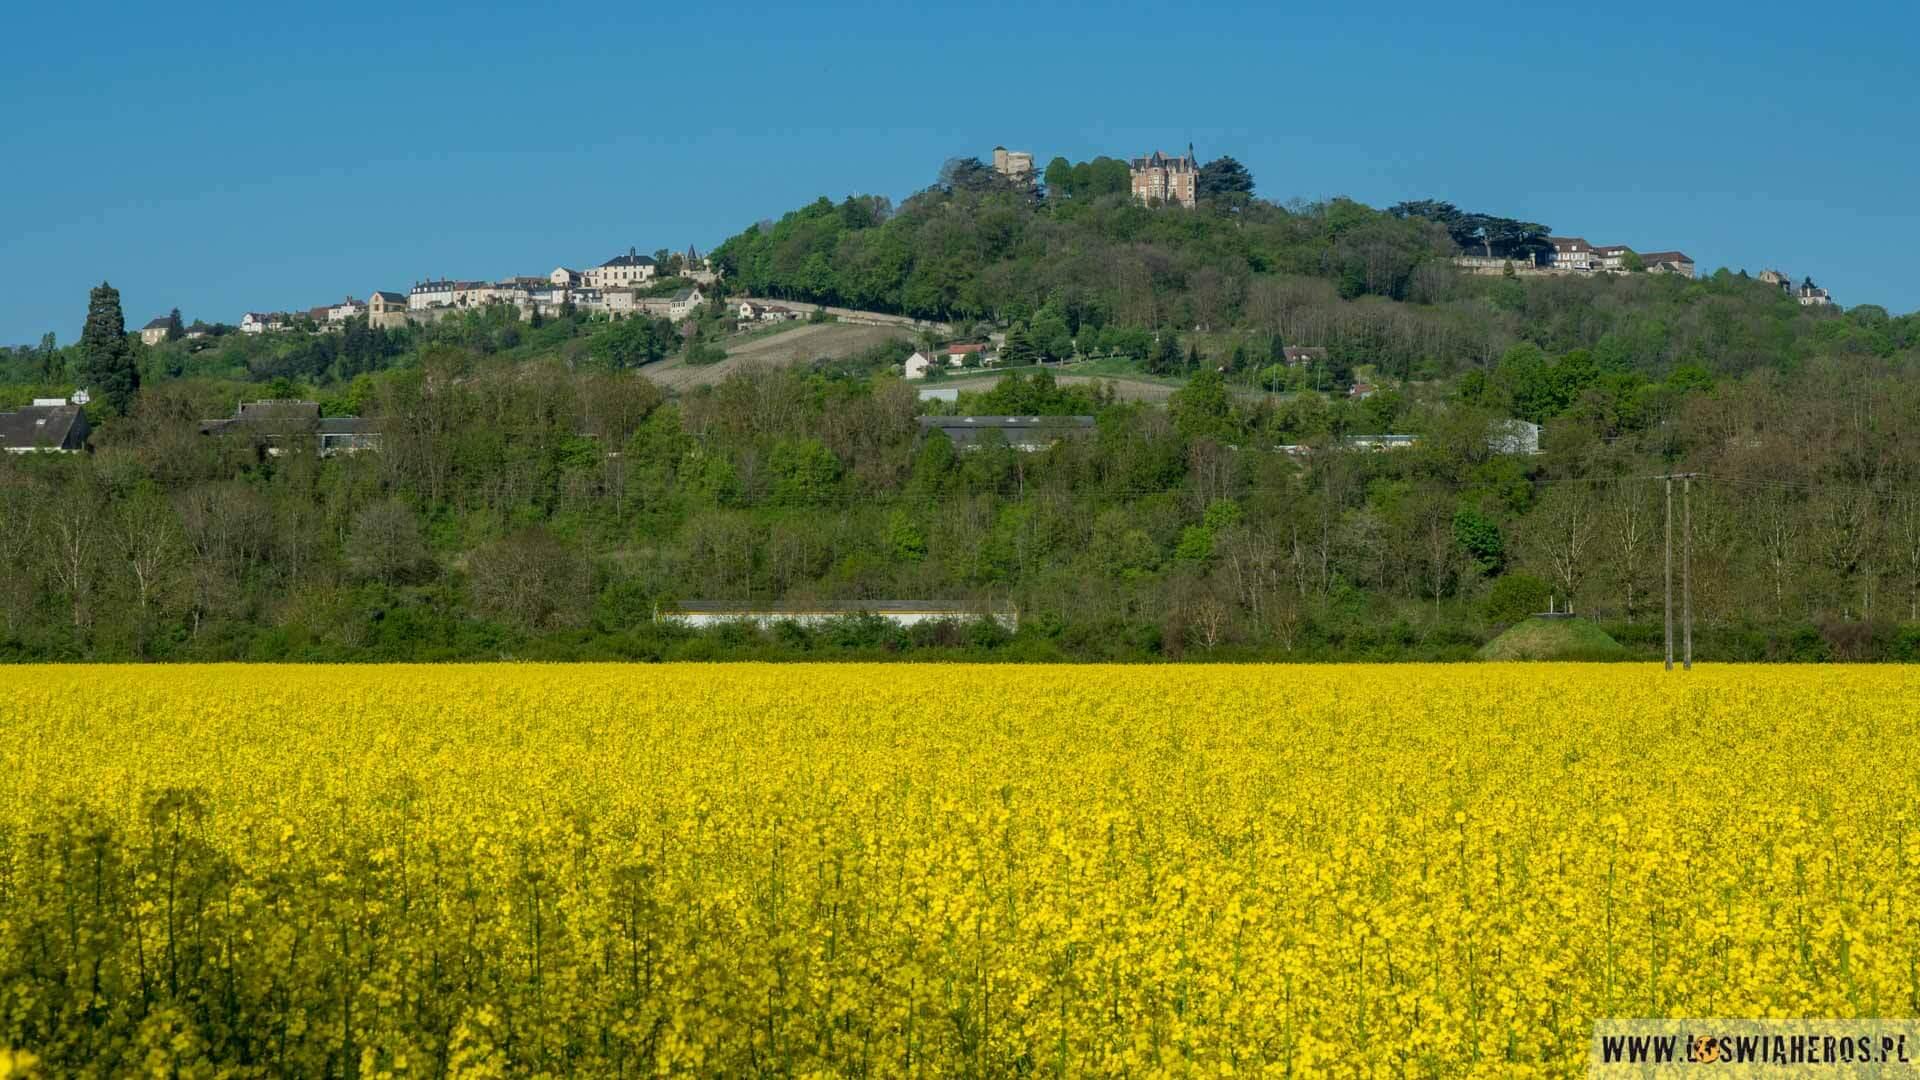 Wzgórze Sancerre słynie przede wszystkim ze smakowitego wina